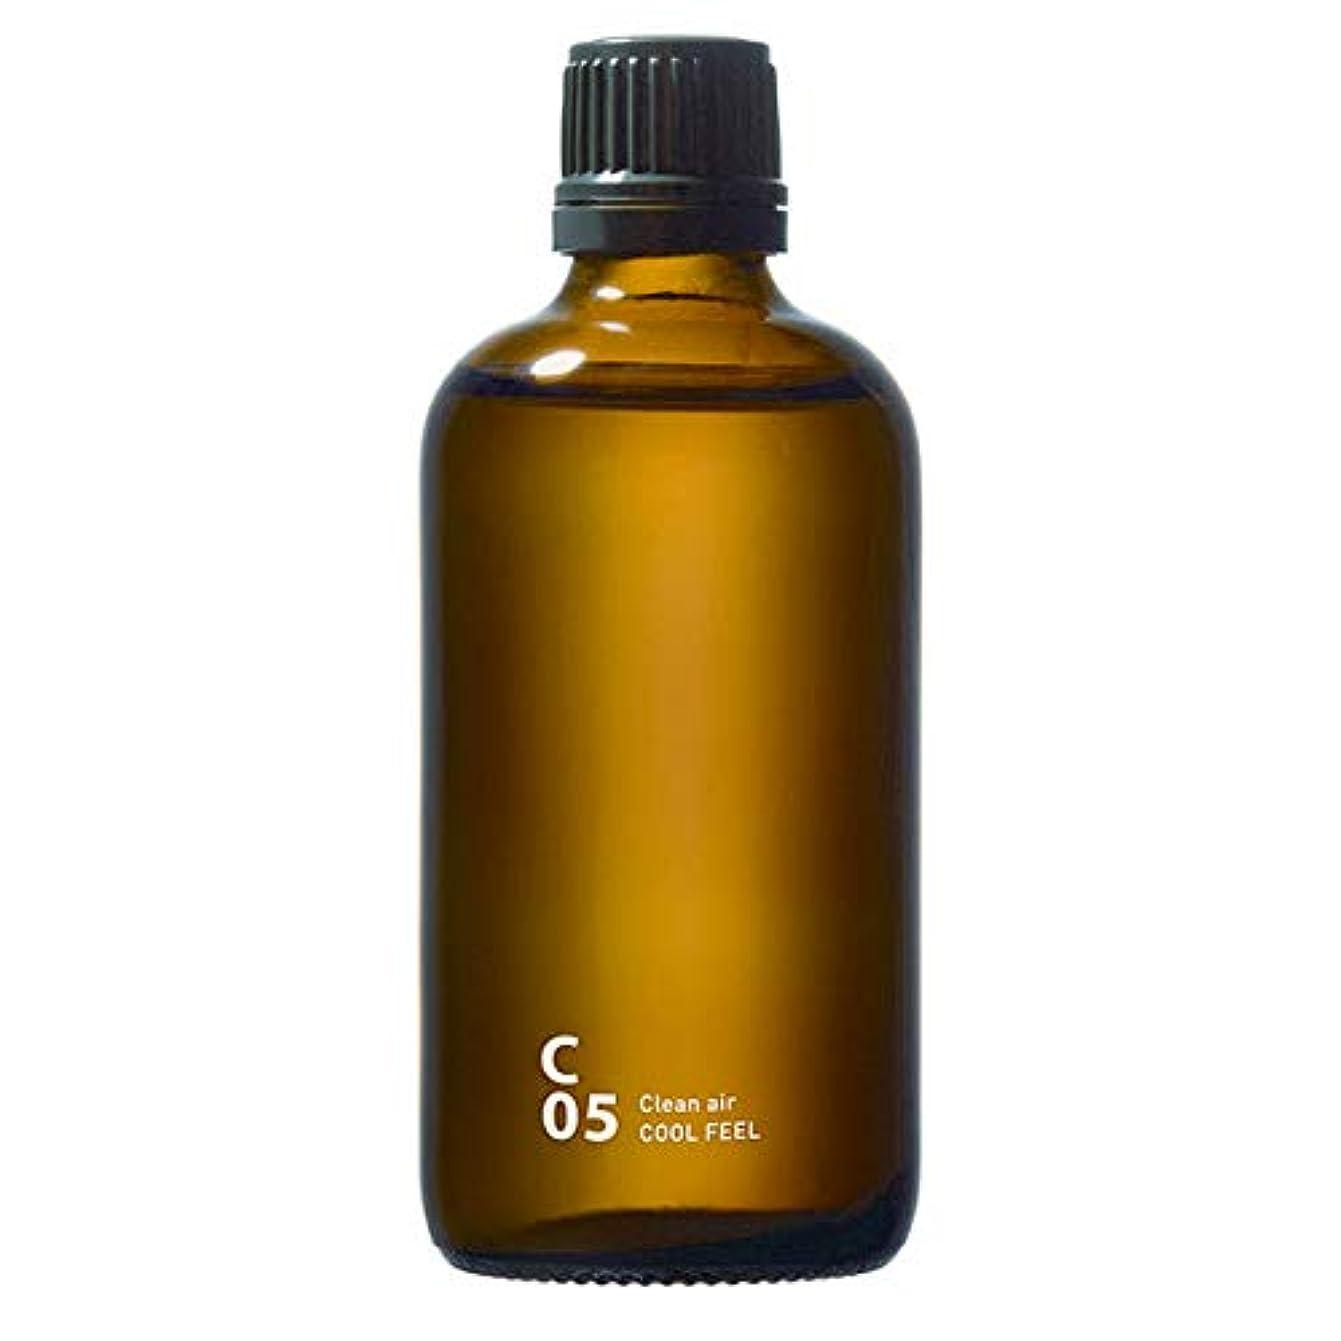 びっくりする投げ捨てるエレメンタルC05 COOL FEEL piezo aroma oil 100ml